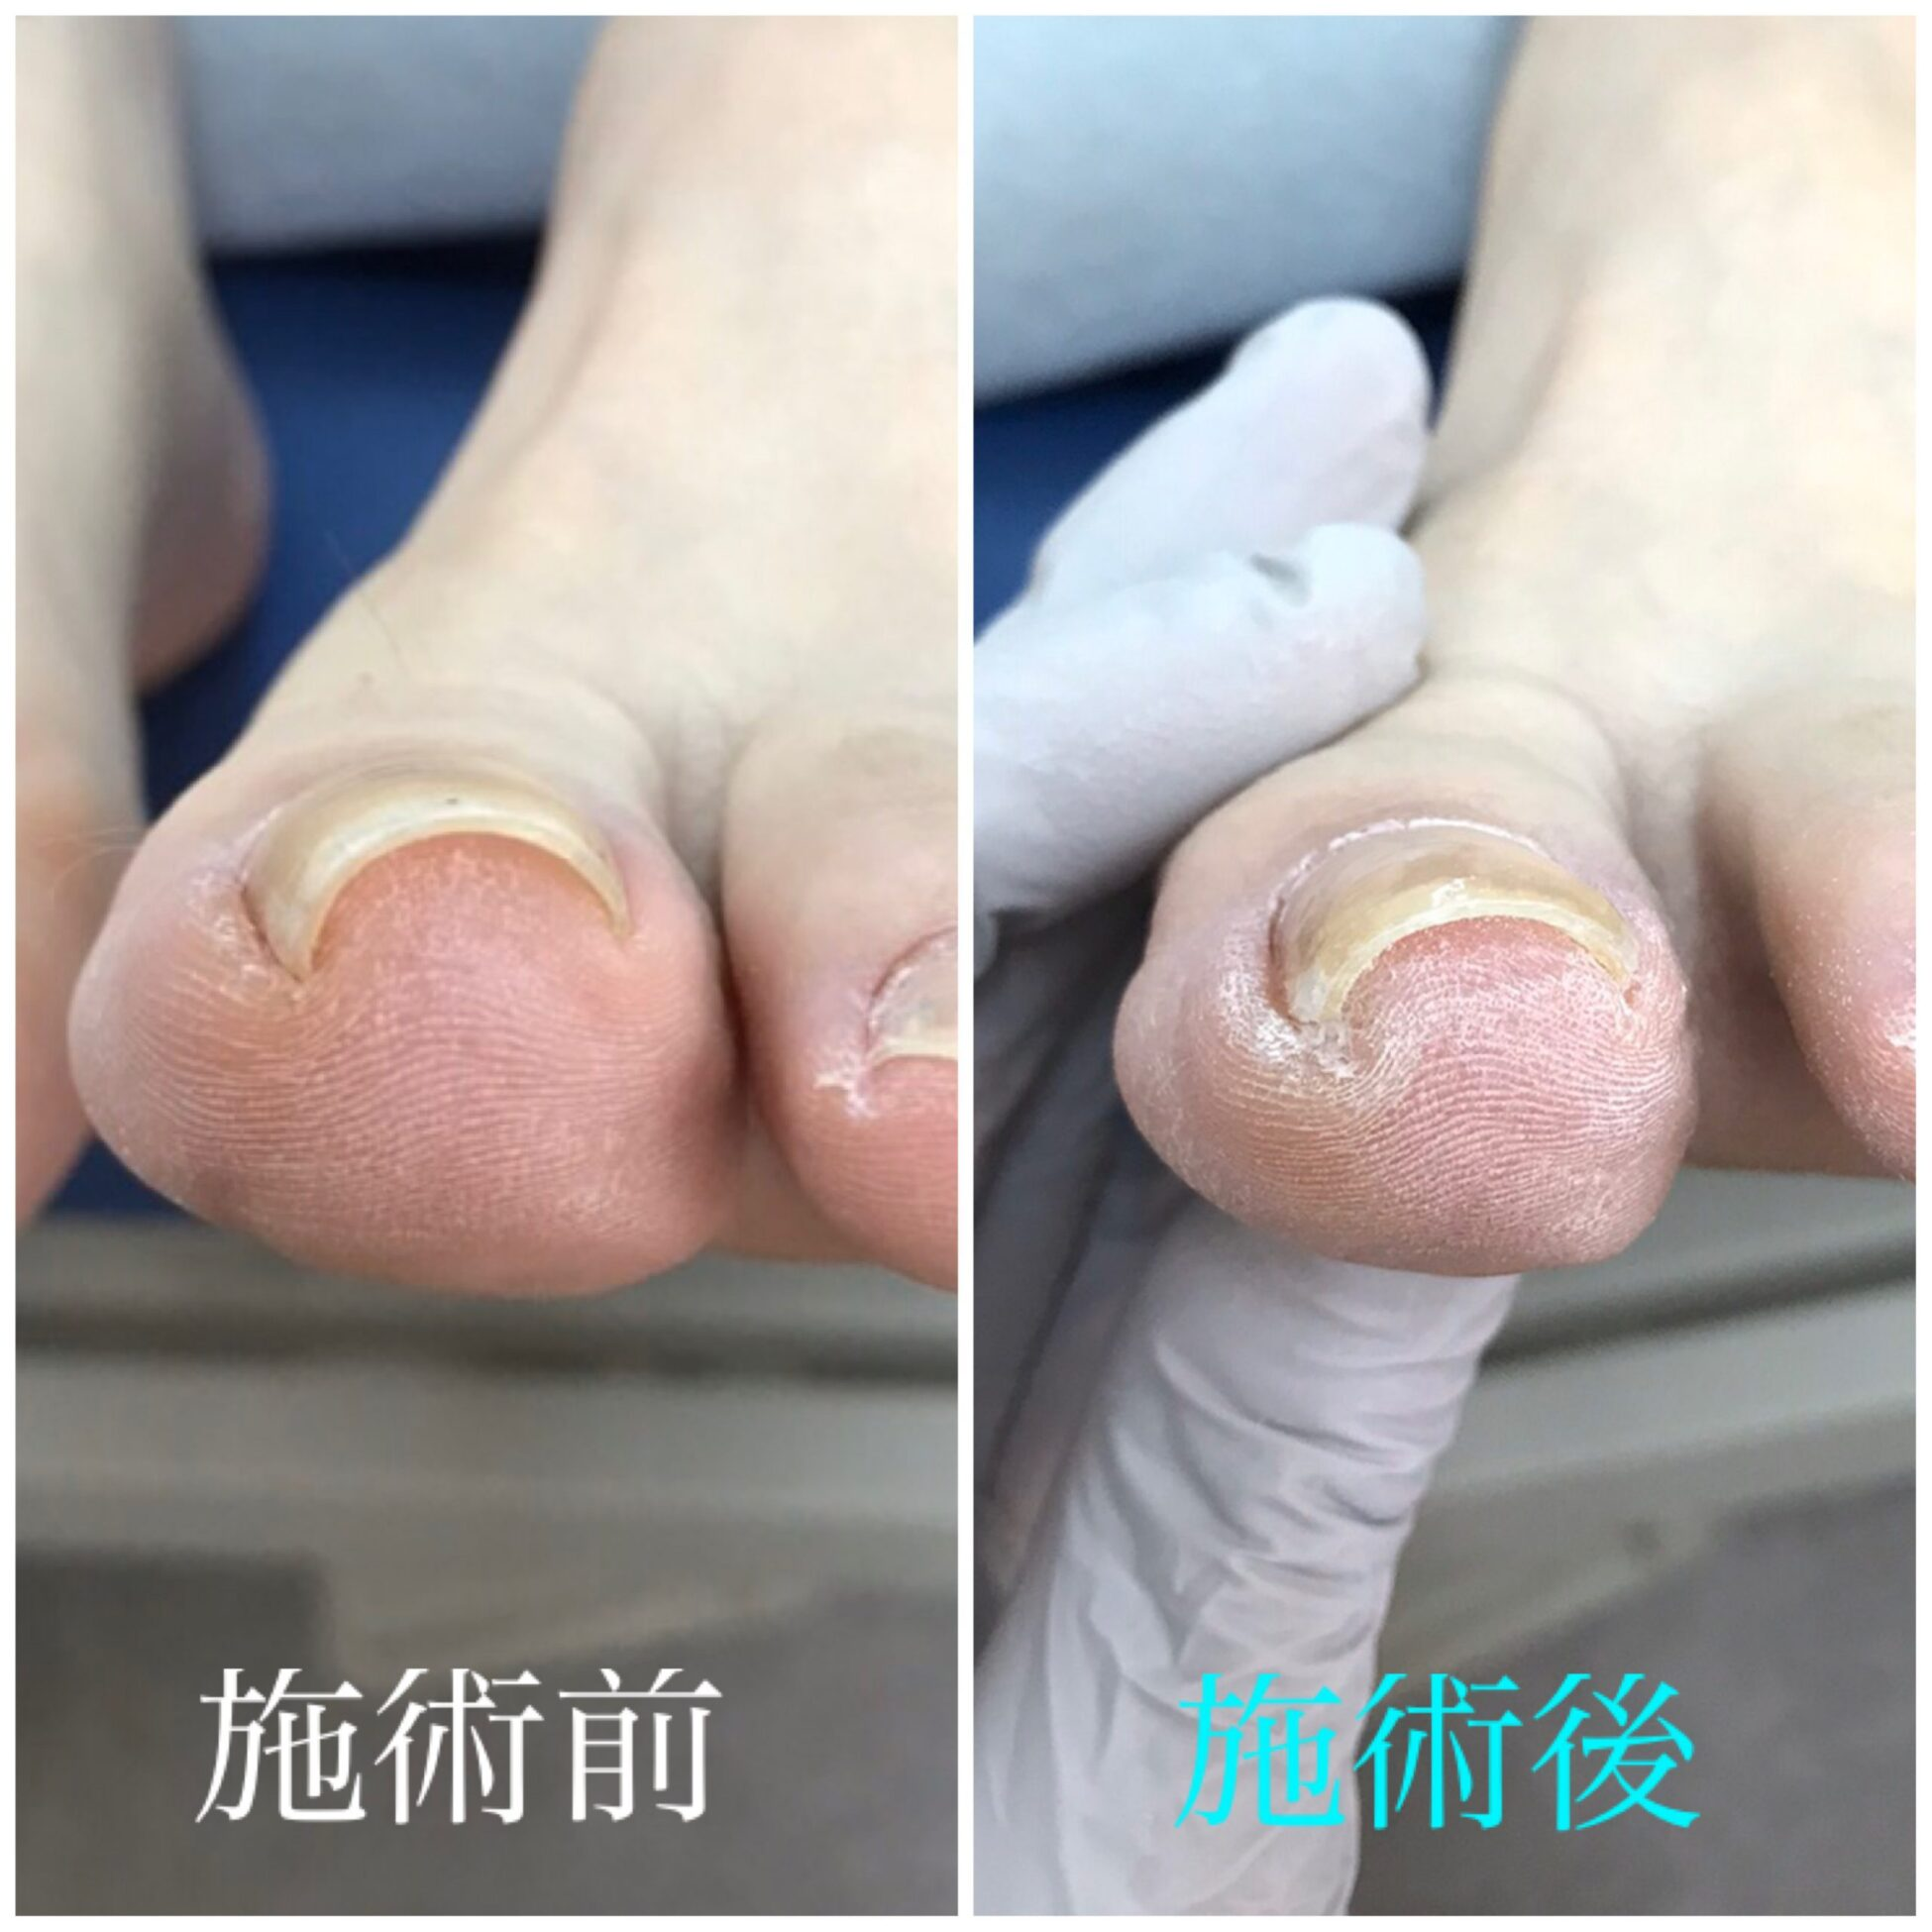 【金沢巻き爪】症例vol.22 軽い巻き爪でも痛みが強い